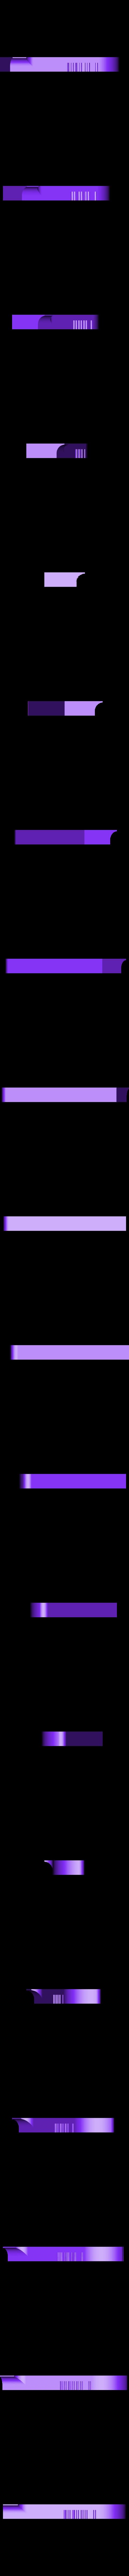 V04_Left_Body.stl Download free STL file Glider • Object to 3D print, Balkhubal